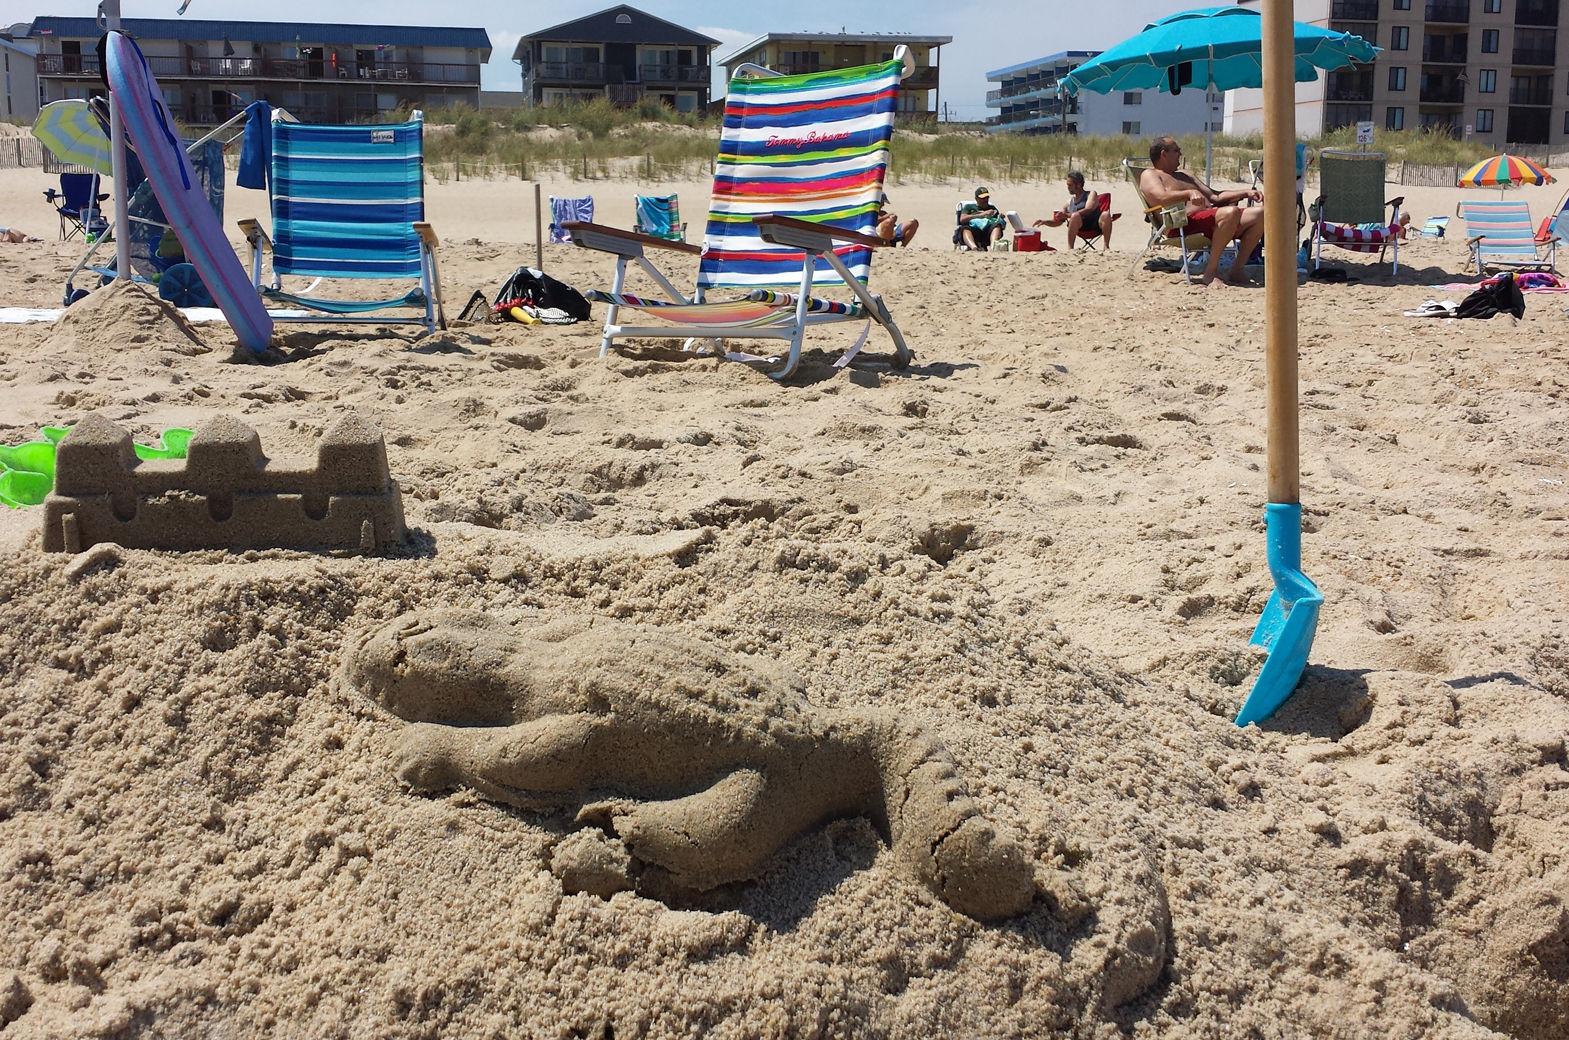 A sandcastle is seen on Ocean City's beach